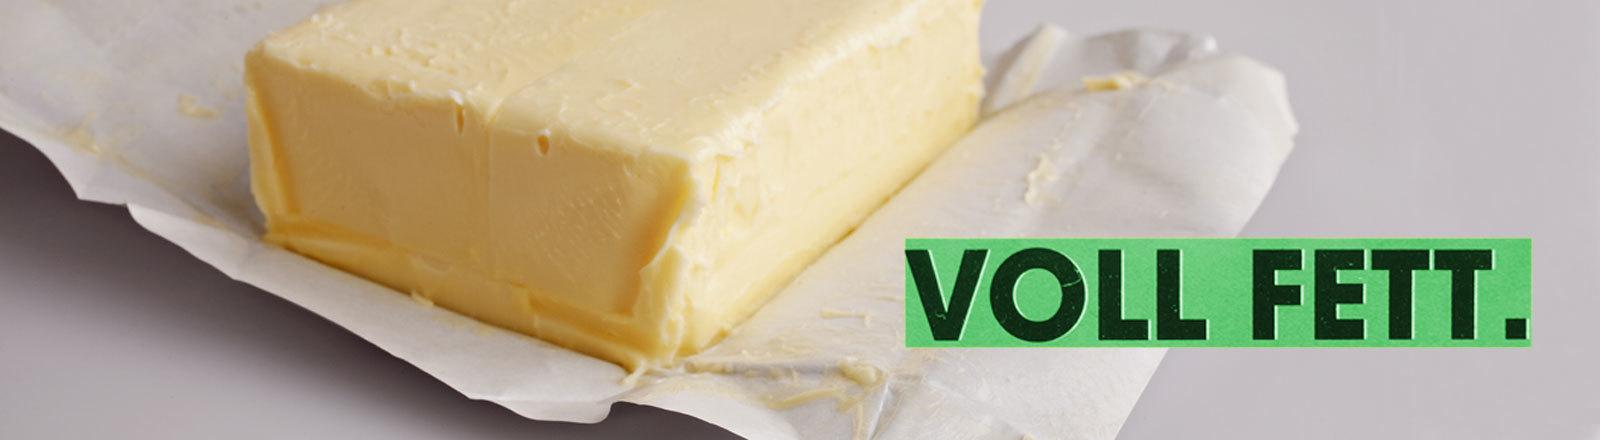 """Stück Butter mit Schriftzug """"Voll Fett"""""""